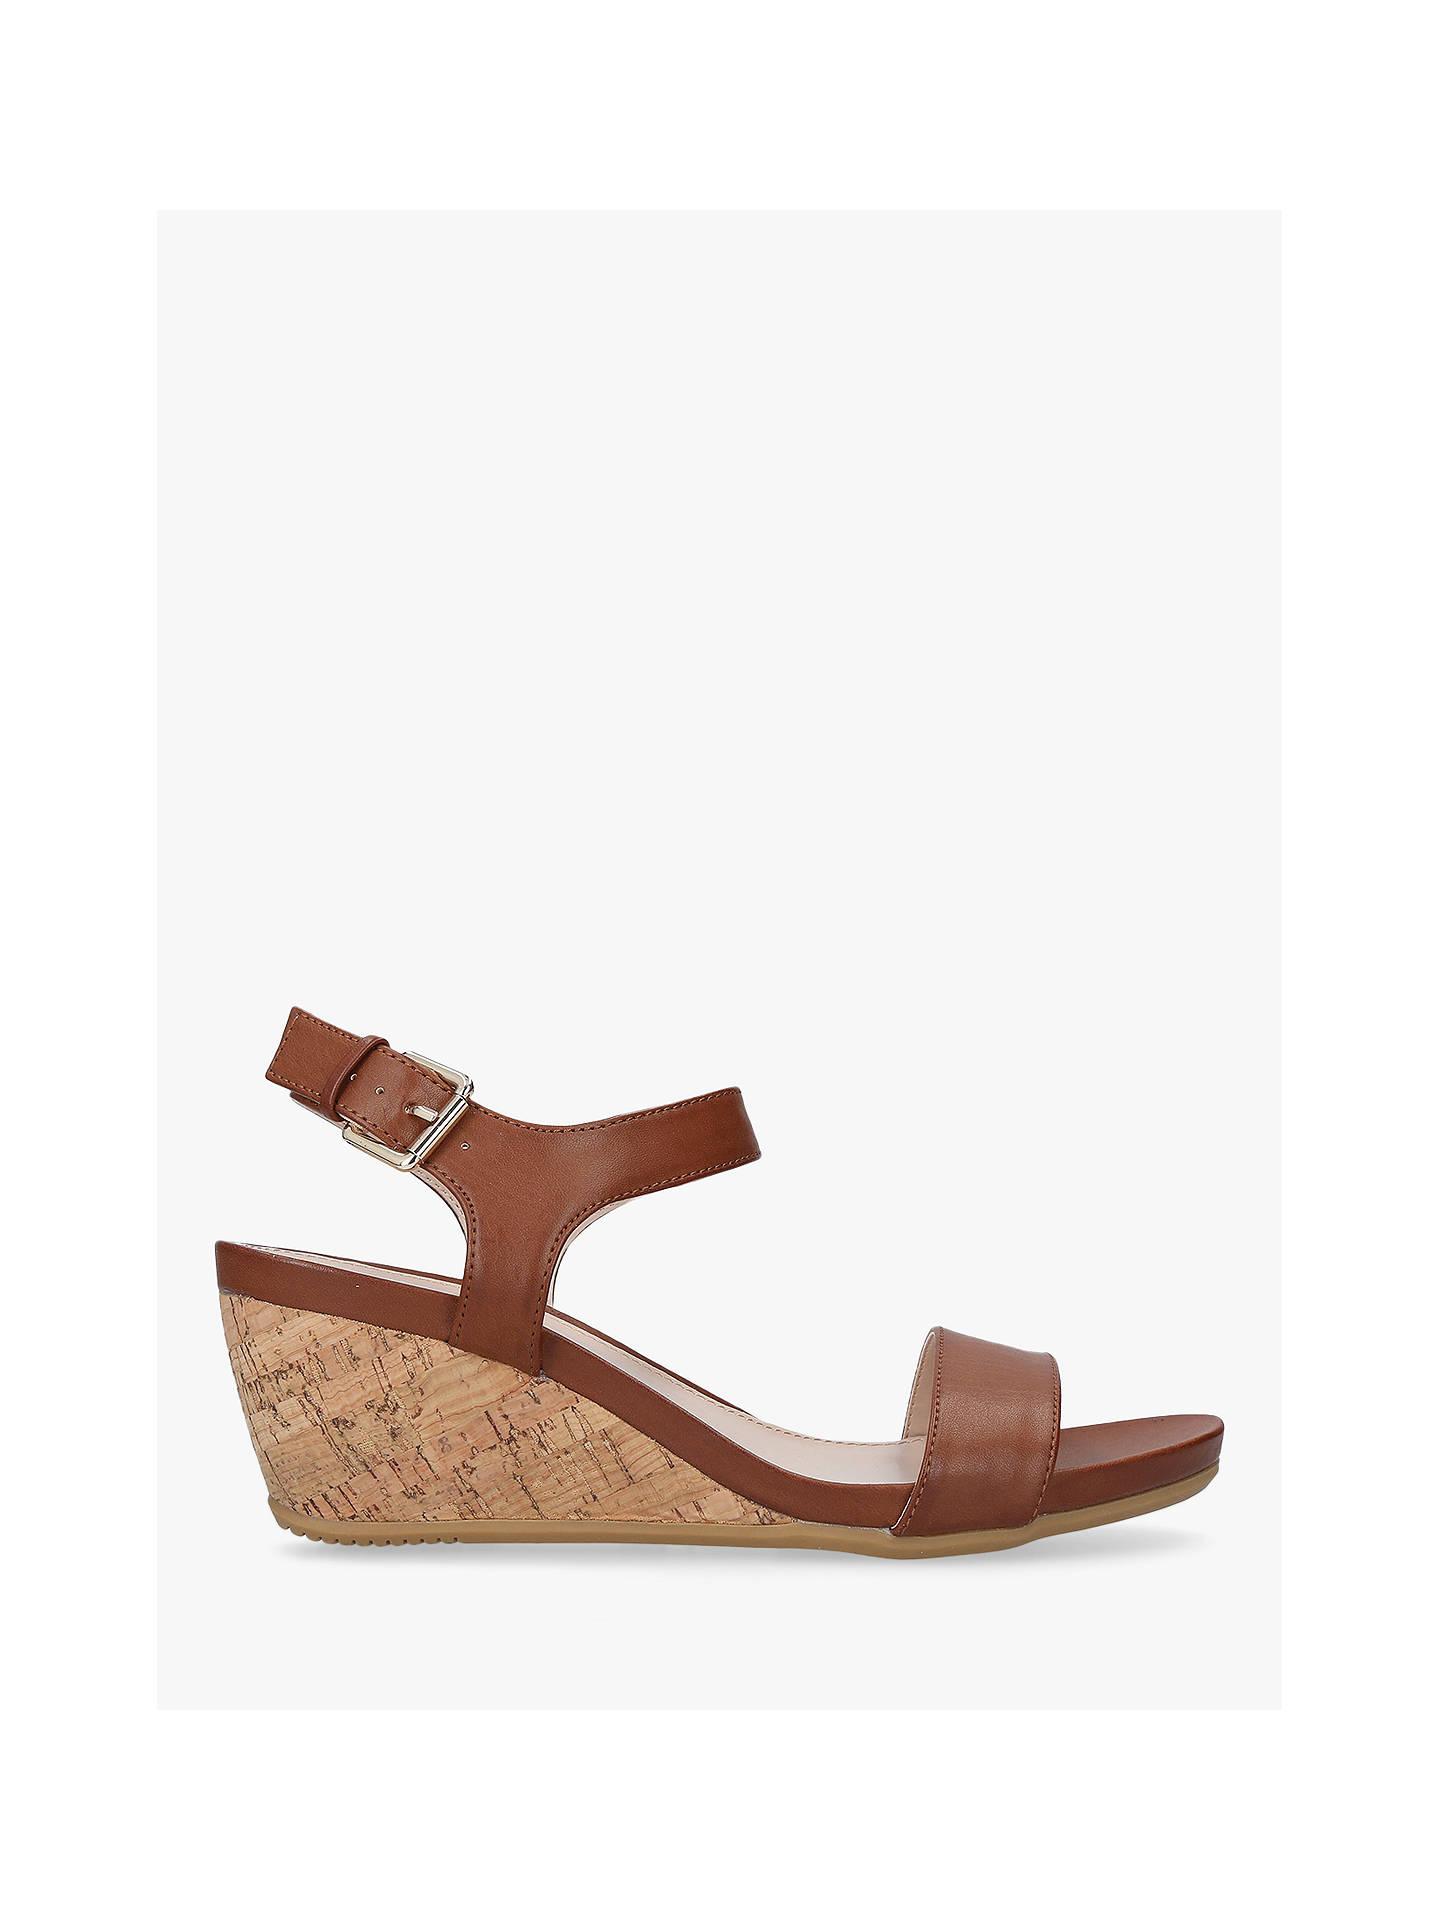 1f87182e4 Buy Carvela Sparkle Wedge Heel Sandals, Tan, 5 Online at johnlewis.com ...